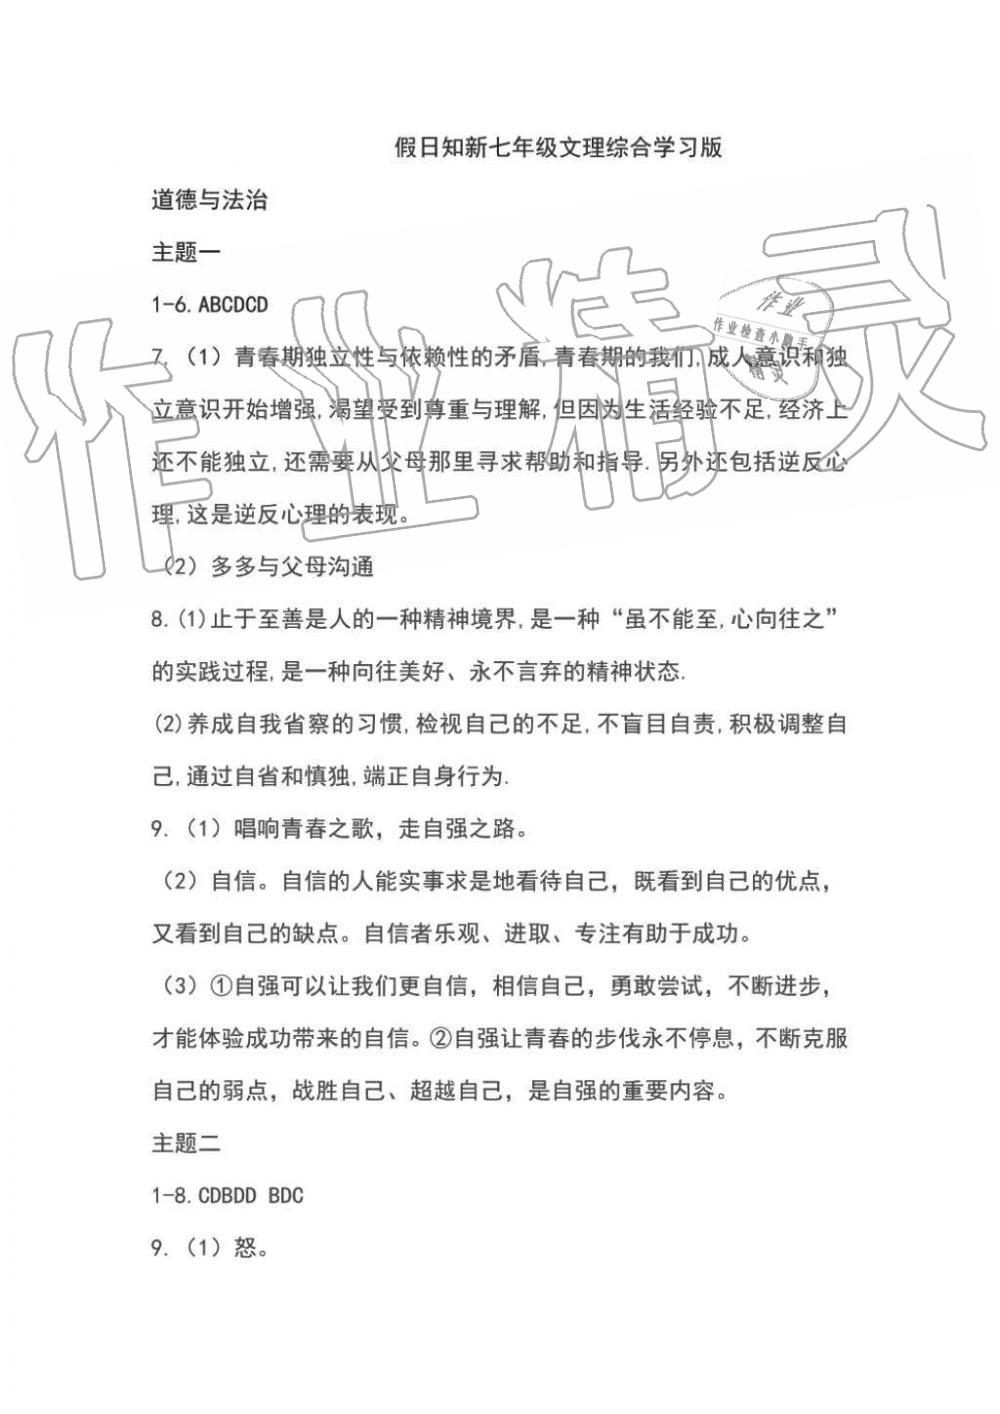 2019年暑假学习与生活假日知新七年级文理综合湖南师范大学出版社第1页